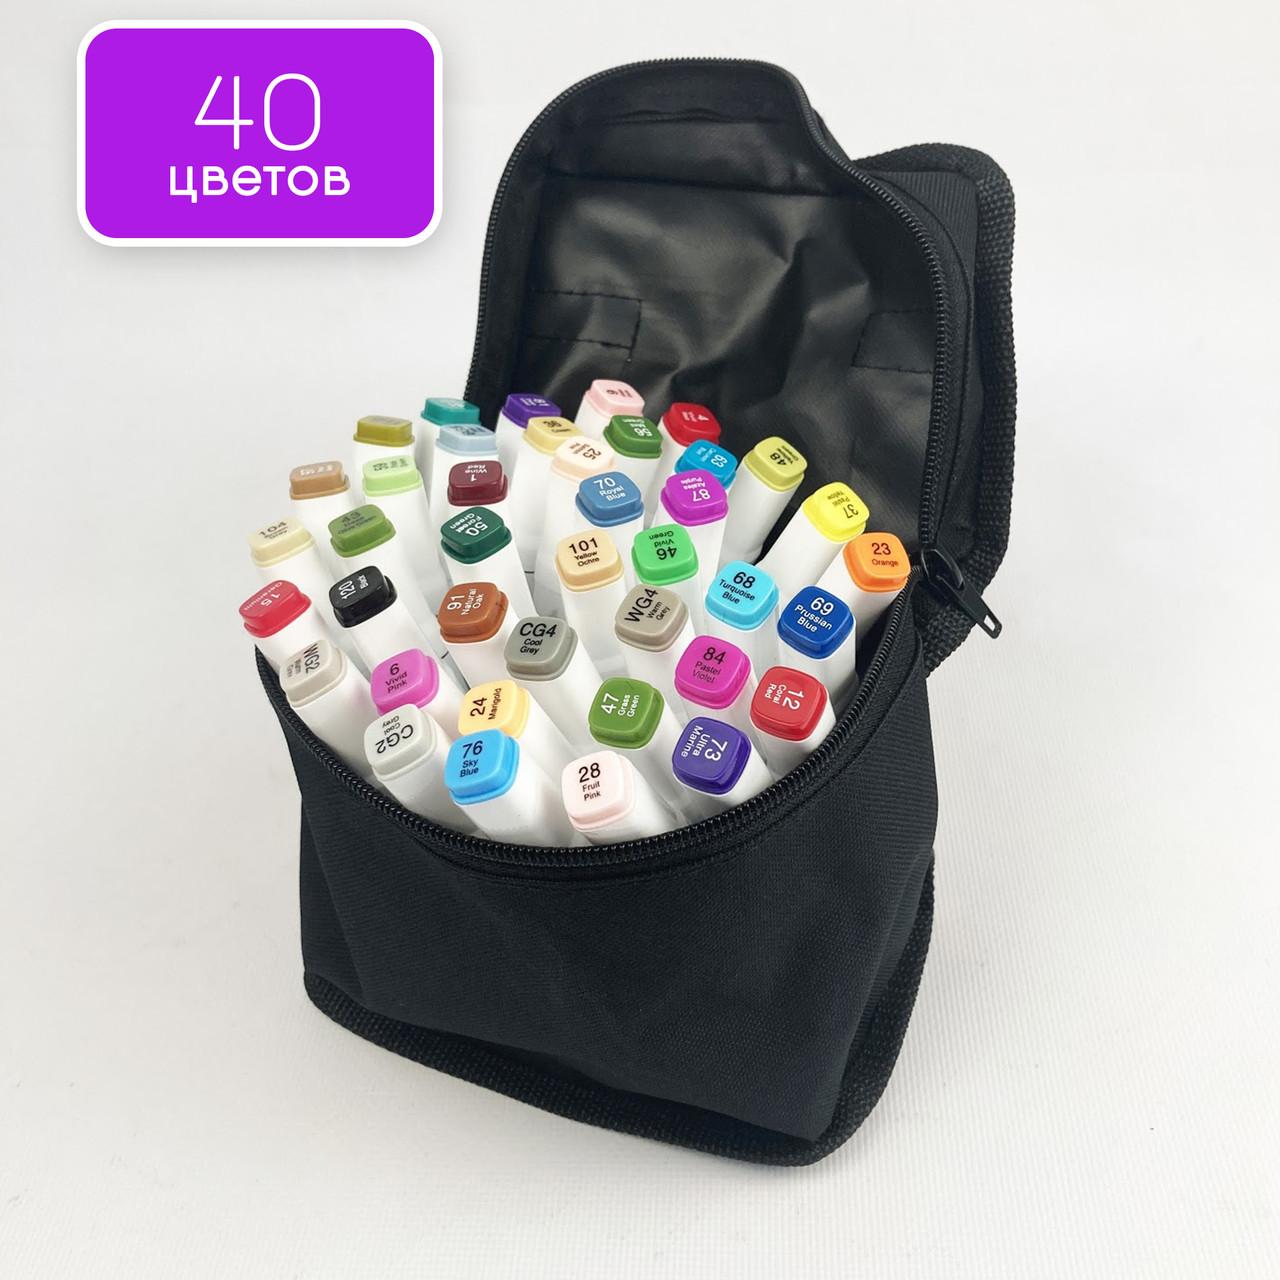 Набір двосторонніх маркерів Touch Smooth для скетчинга на спиртовій основі 40 штук Різнокольорові